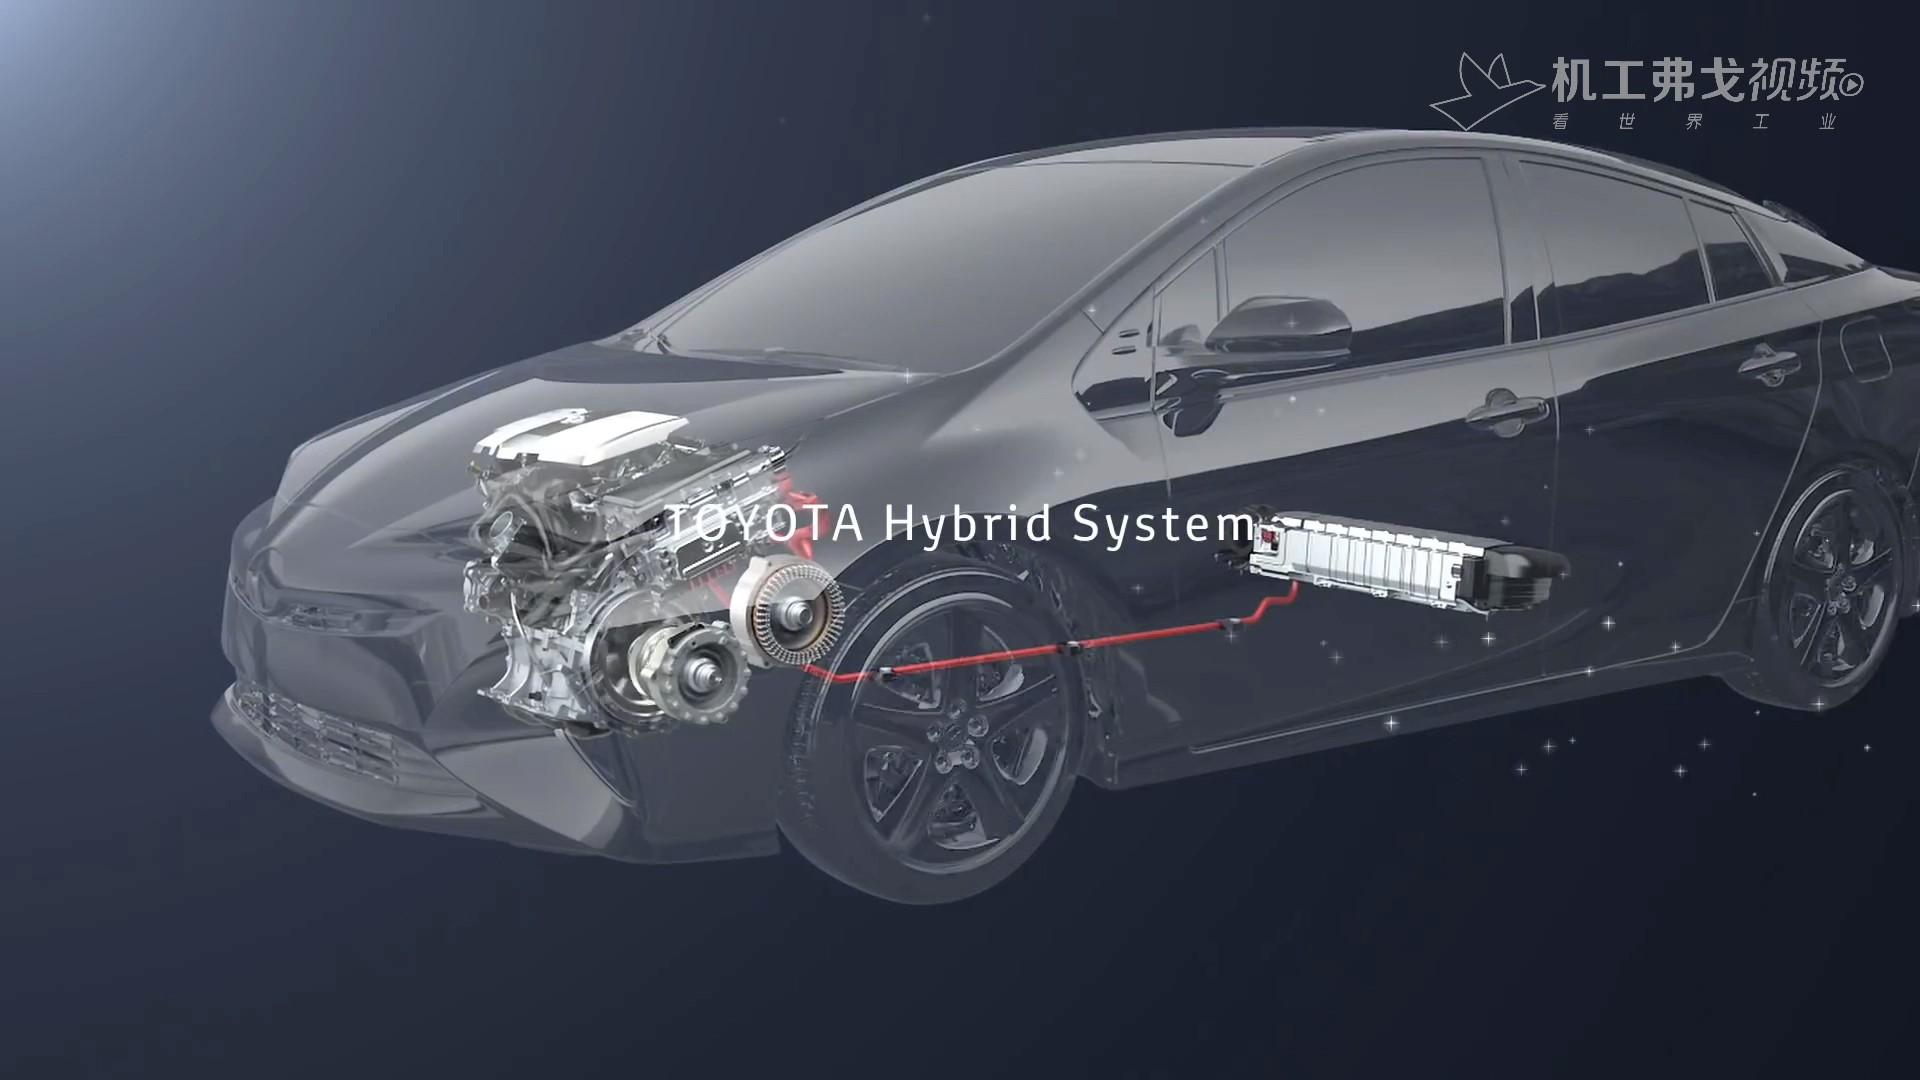 【弗戈工业趣闻】丰田新型混动系统THS Ⅱ是如何工作的